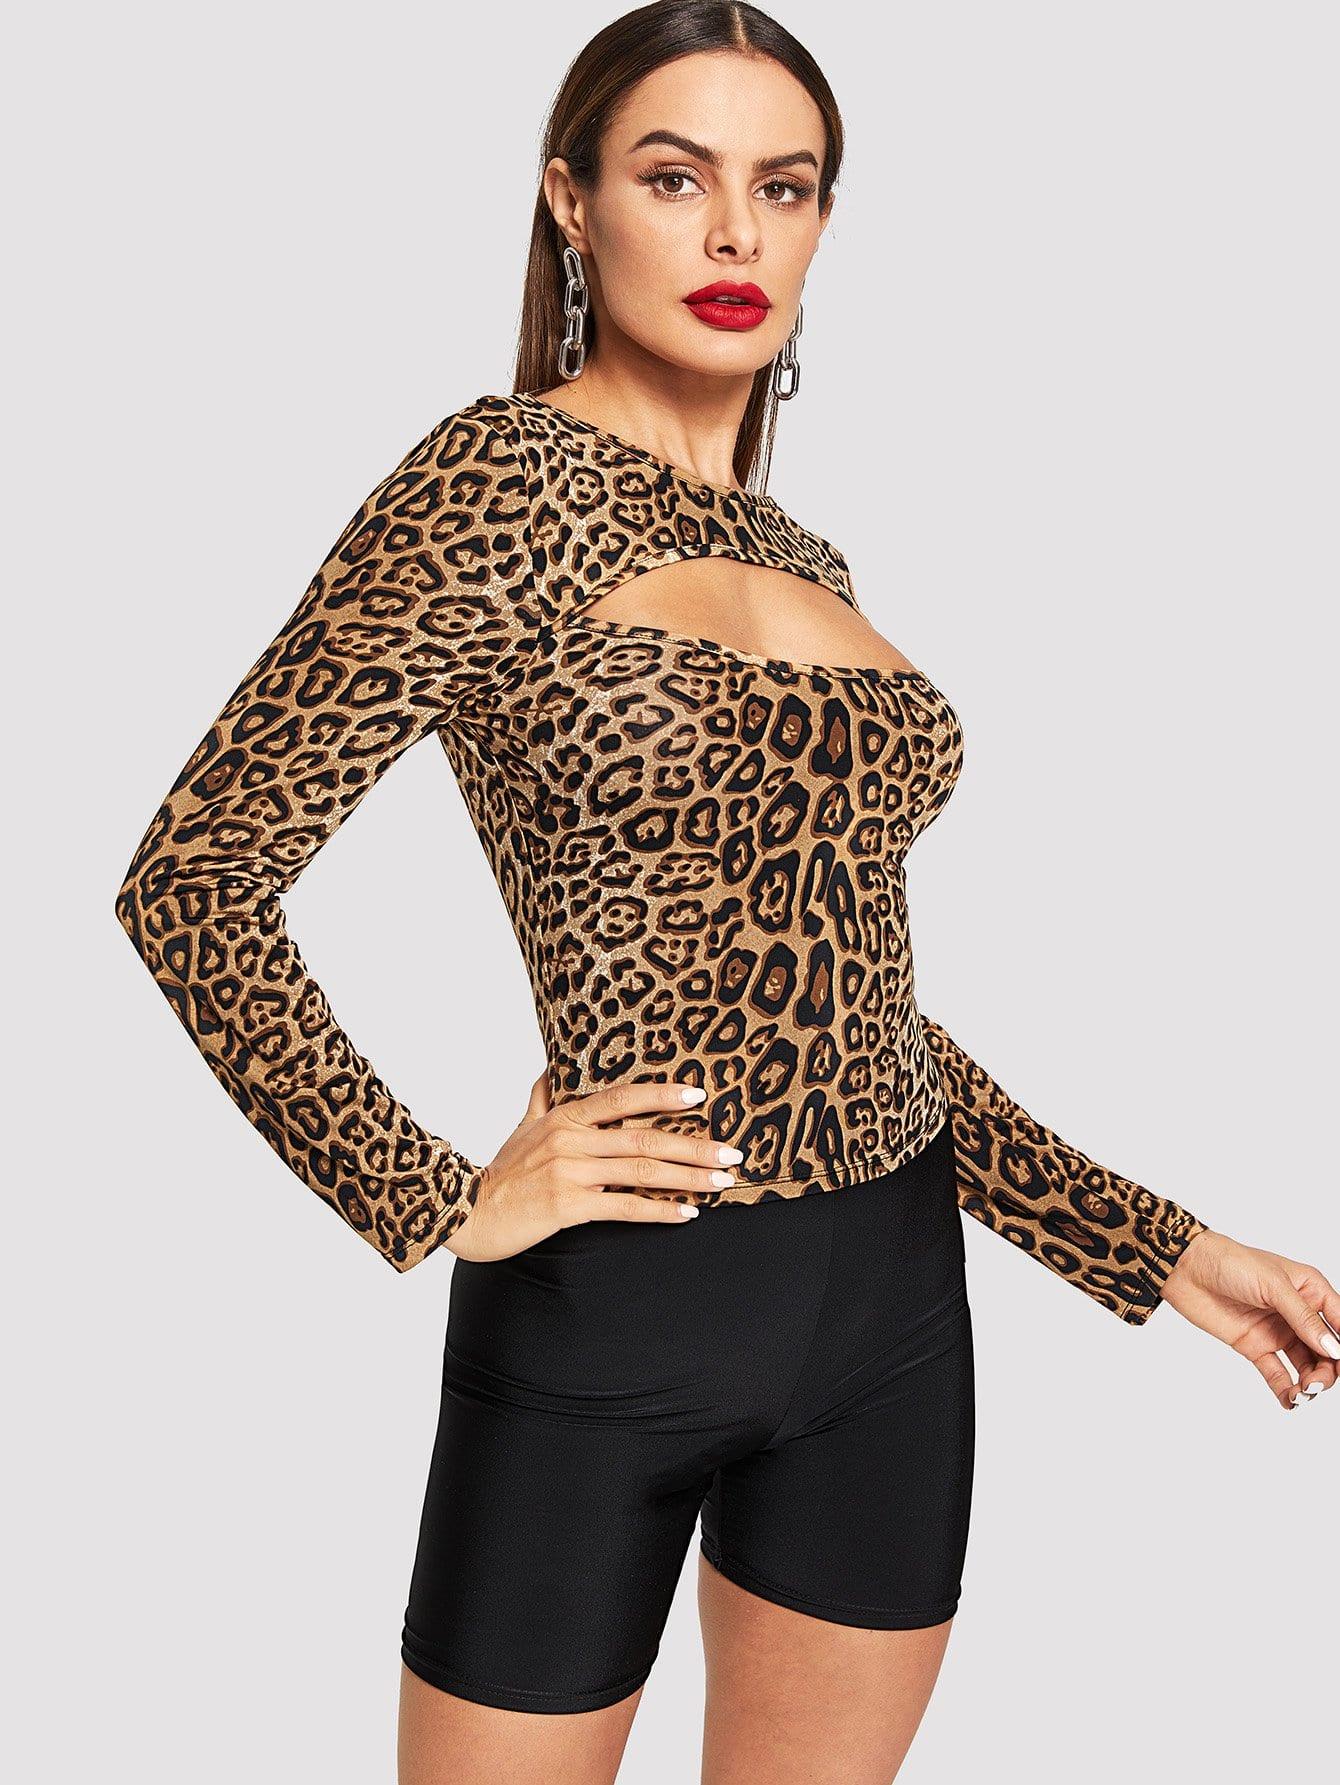 Купить Открытой передней леопардовая футболка, Andy, SheIn